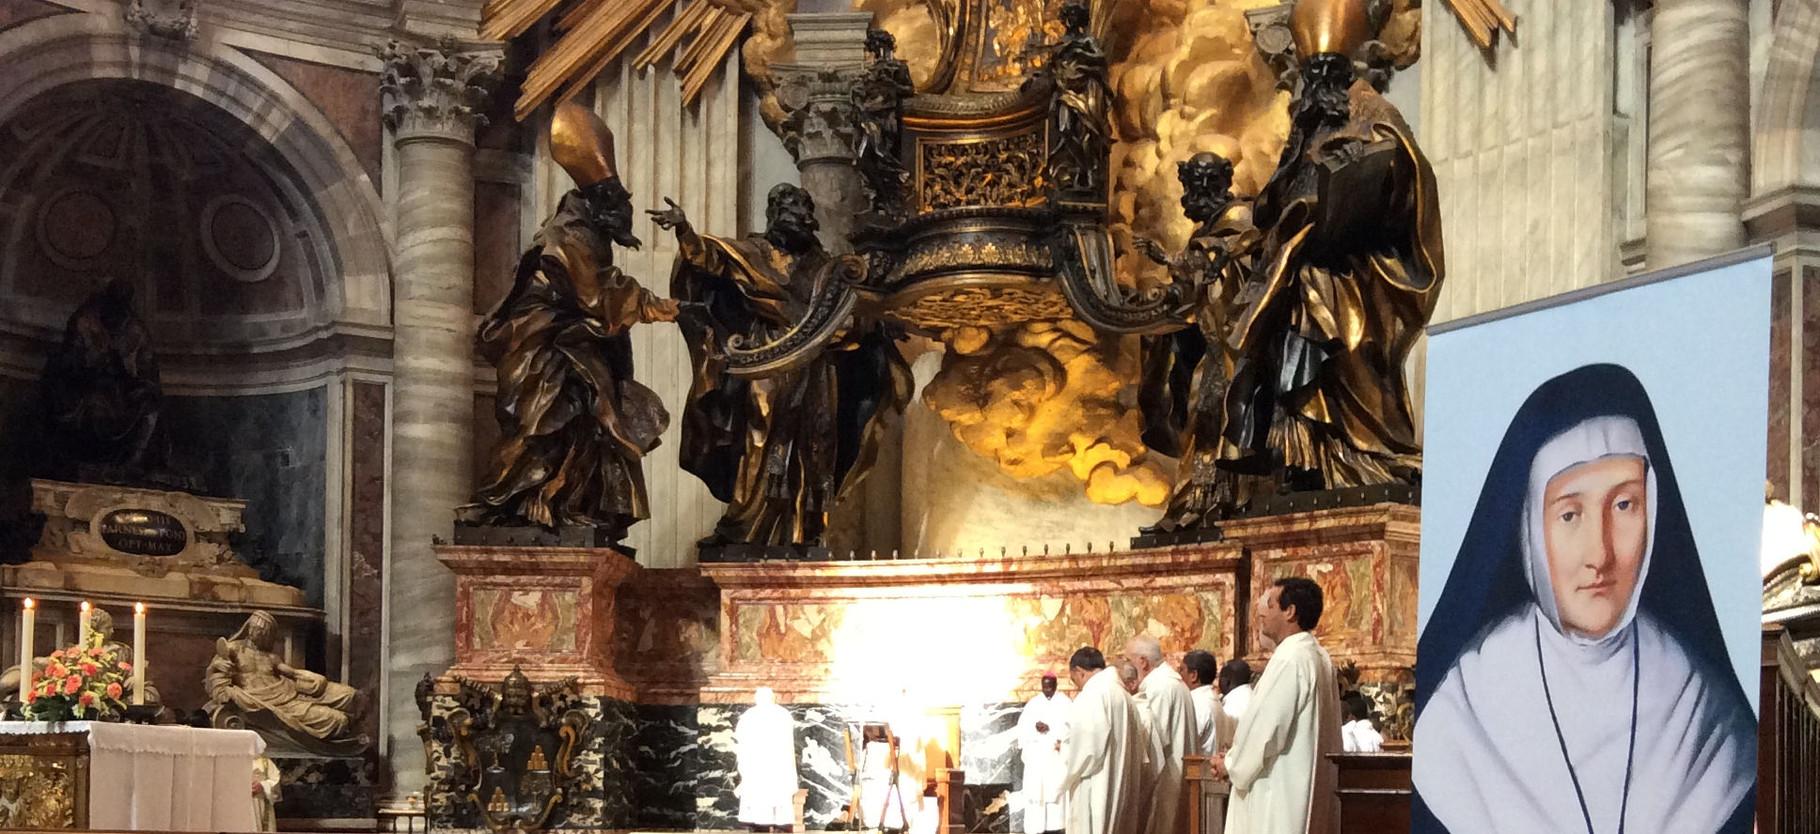 Misa de acción de gracias en el Vaticano